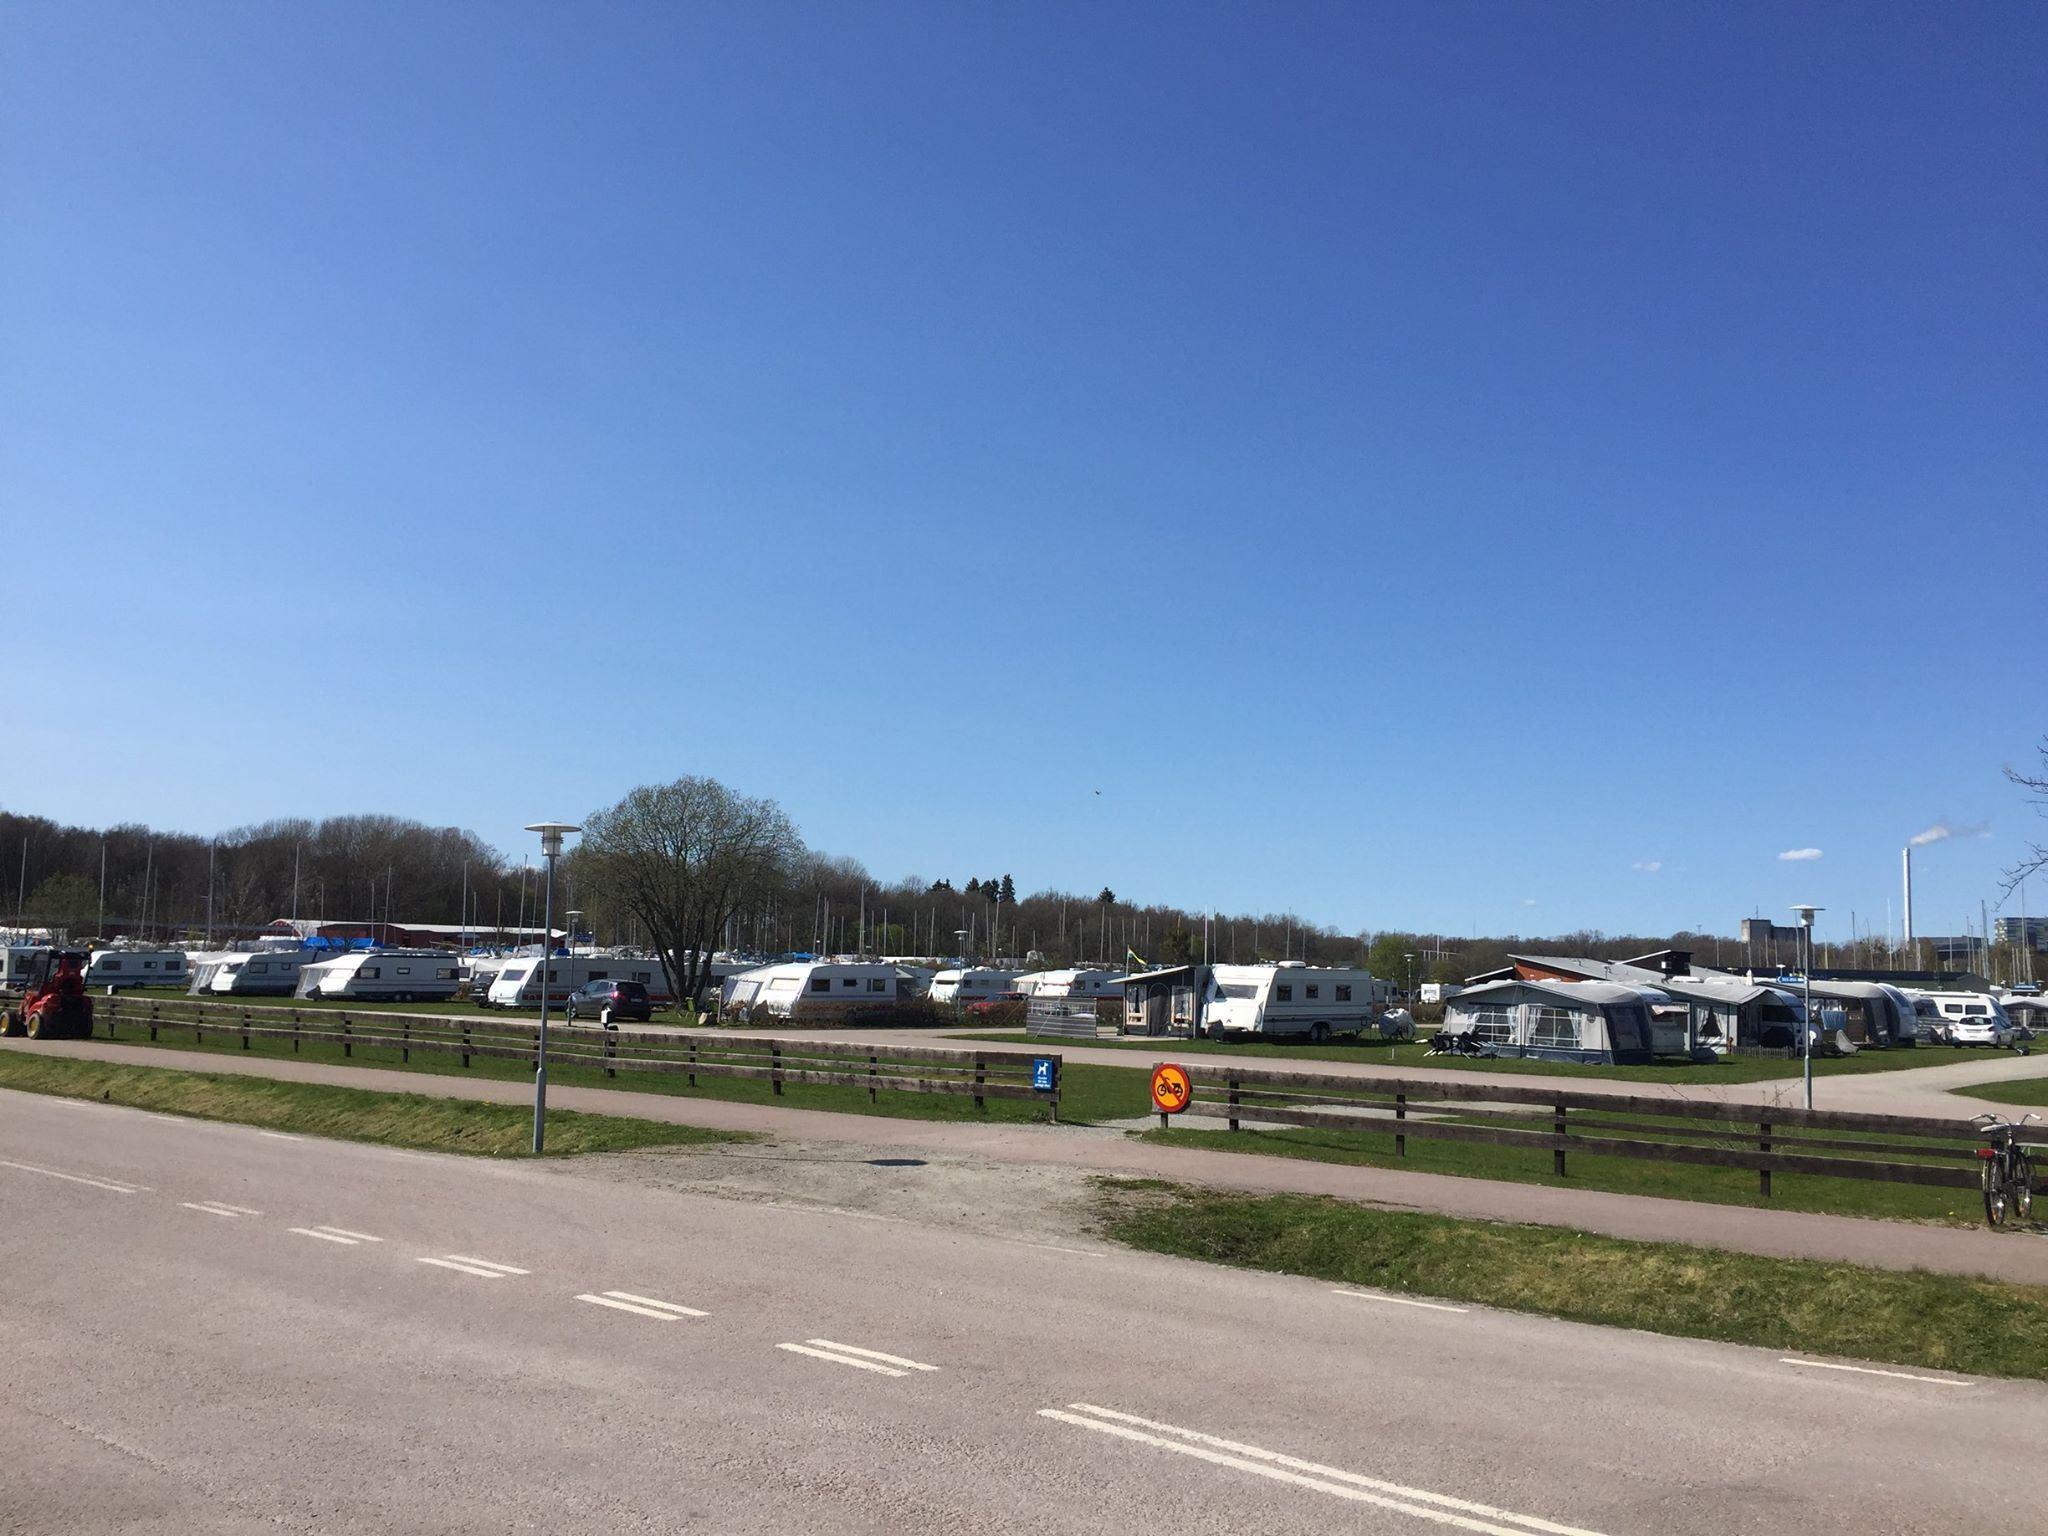 Västerås Mälarcamping / Camping